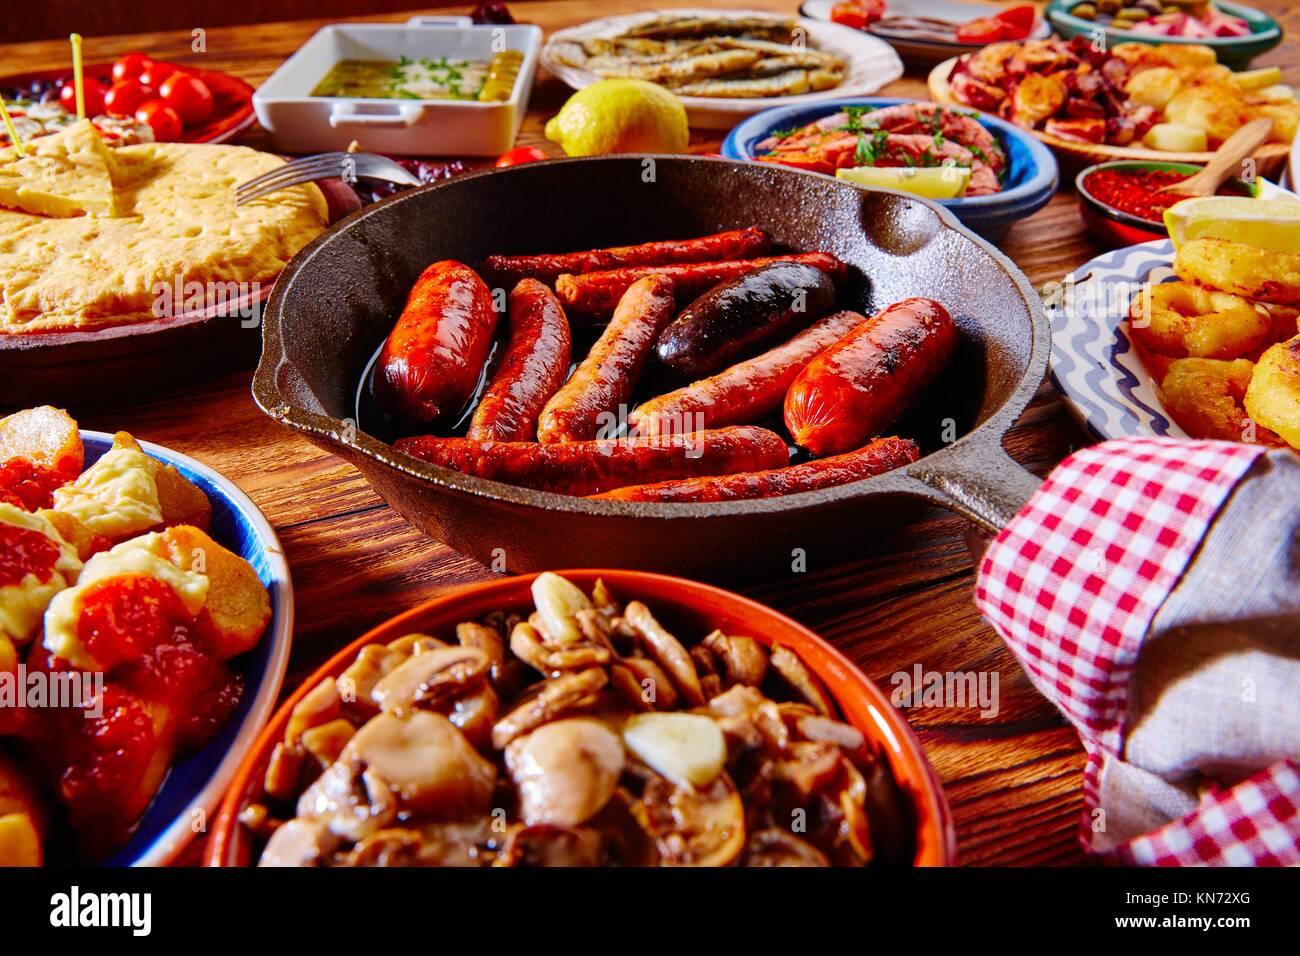 Depuis l'Espagne Tapas variées mélange de tapa plus populaires méditerranéenne. Banque D'Images